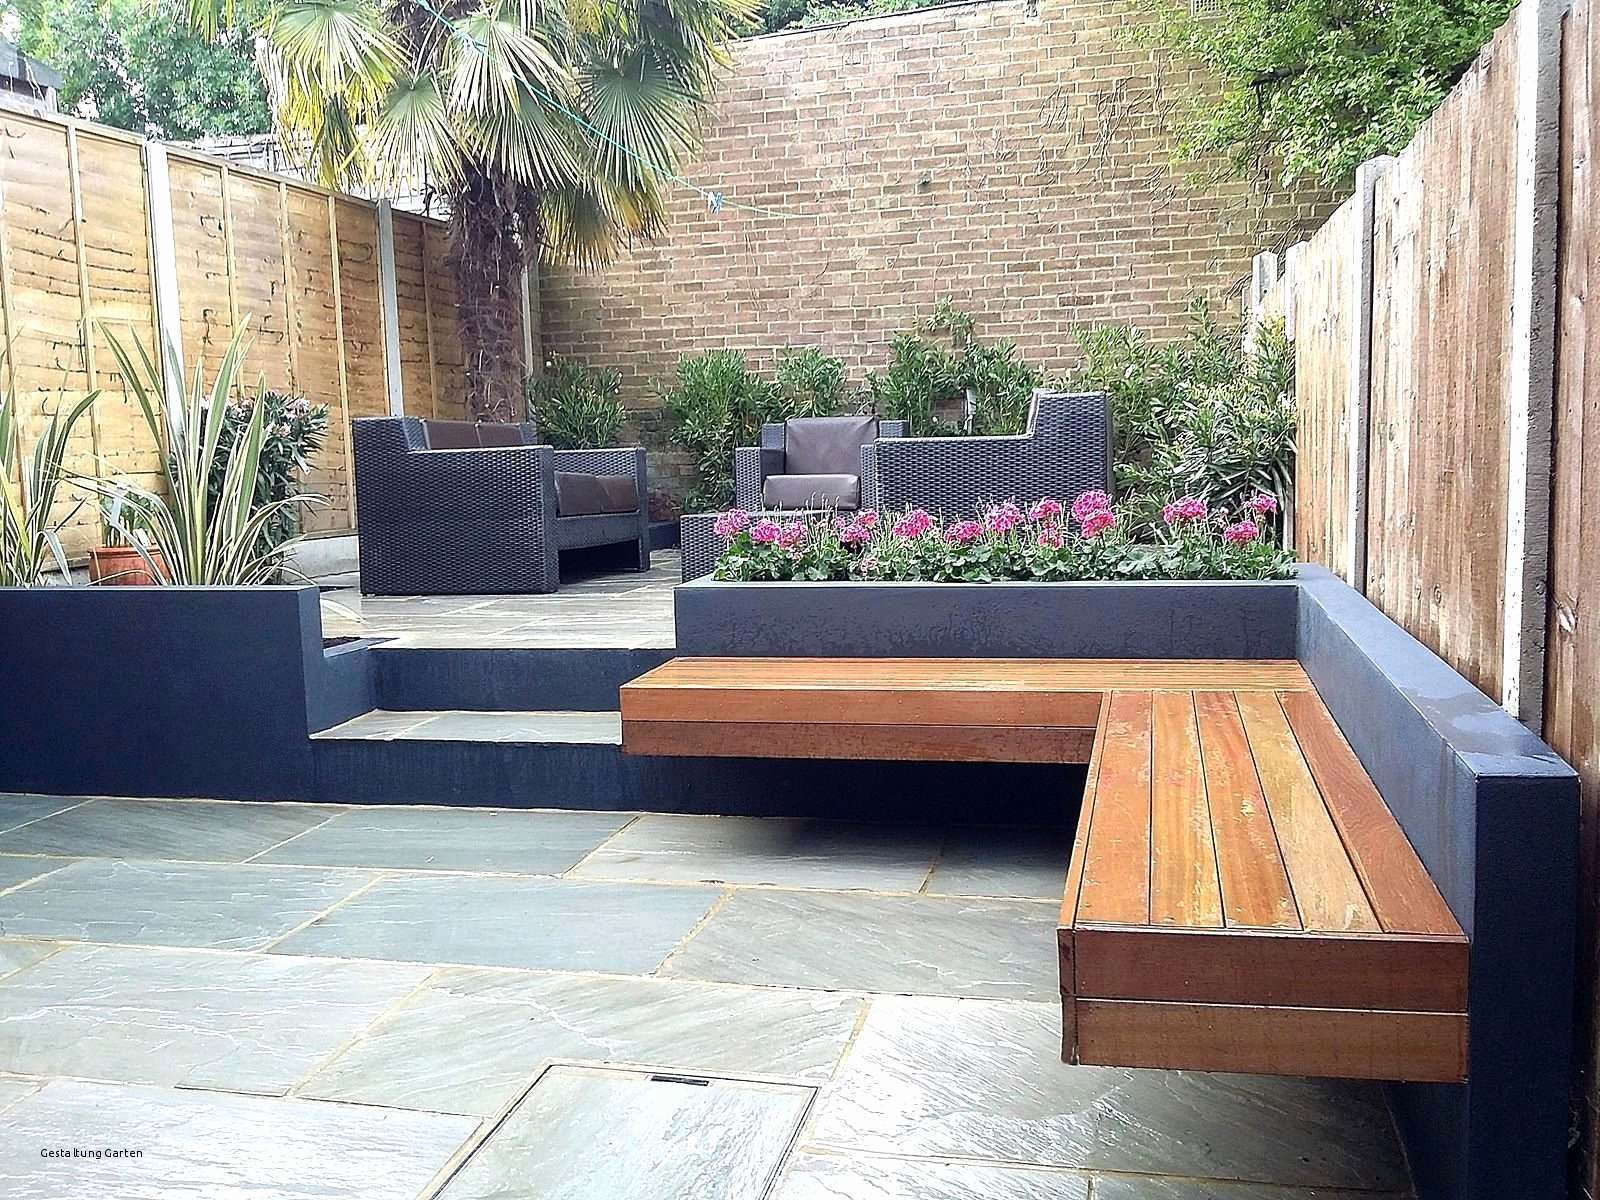 36 Reizend Verwunschener Garten Schema Von Betonmauer Garten Komplette Ideen Privatsphare G Outdoor Patio Designs Small Patio Design Diy Backyard Landscaping